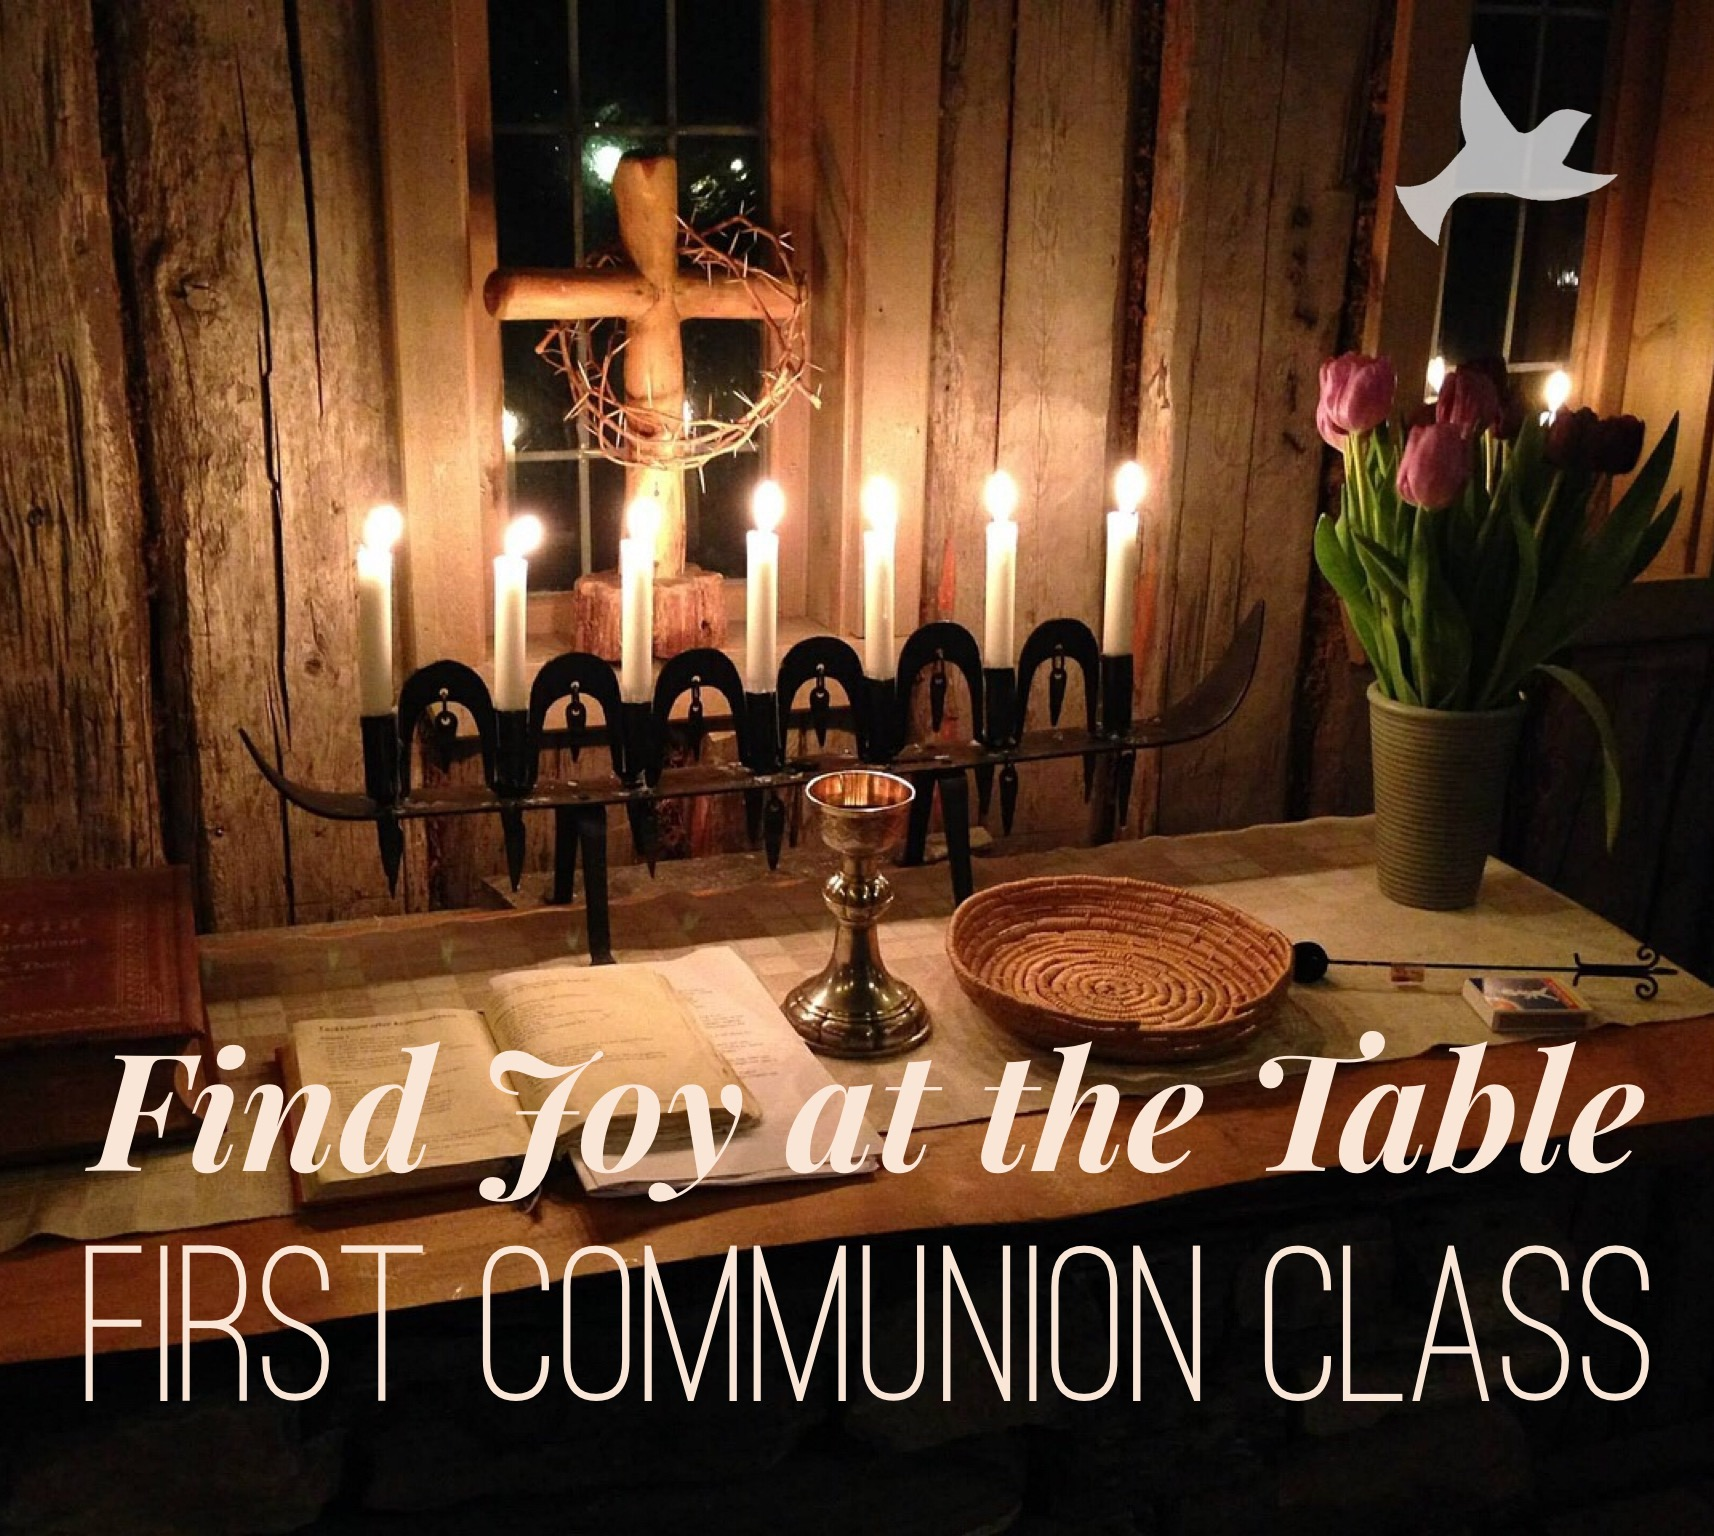 First Communion Class